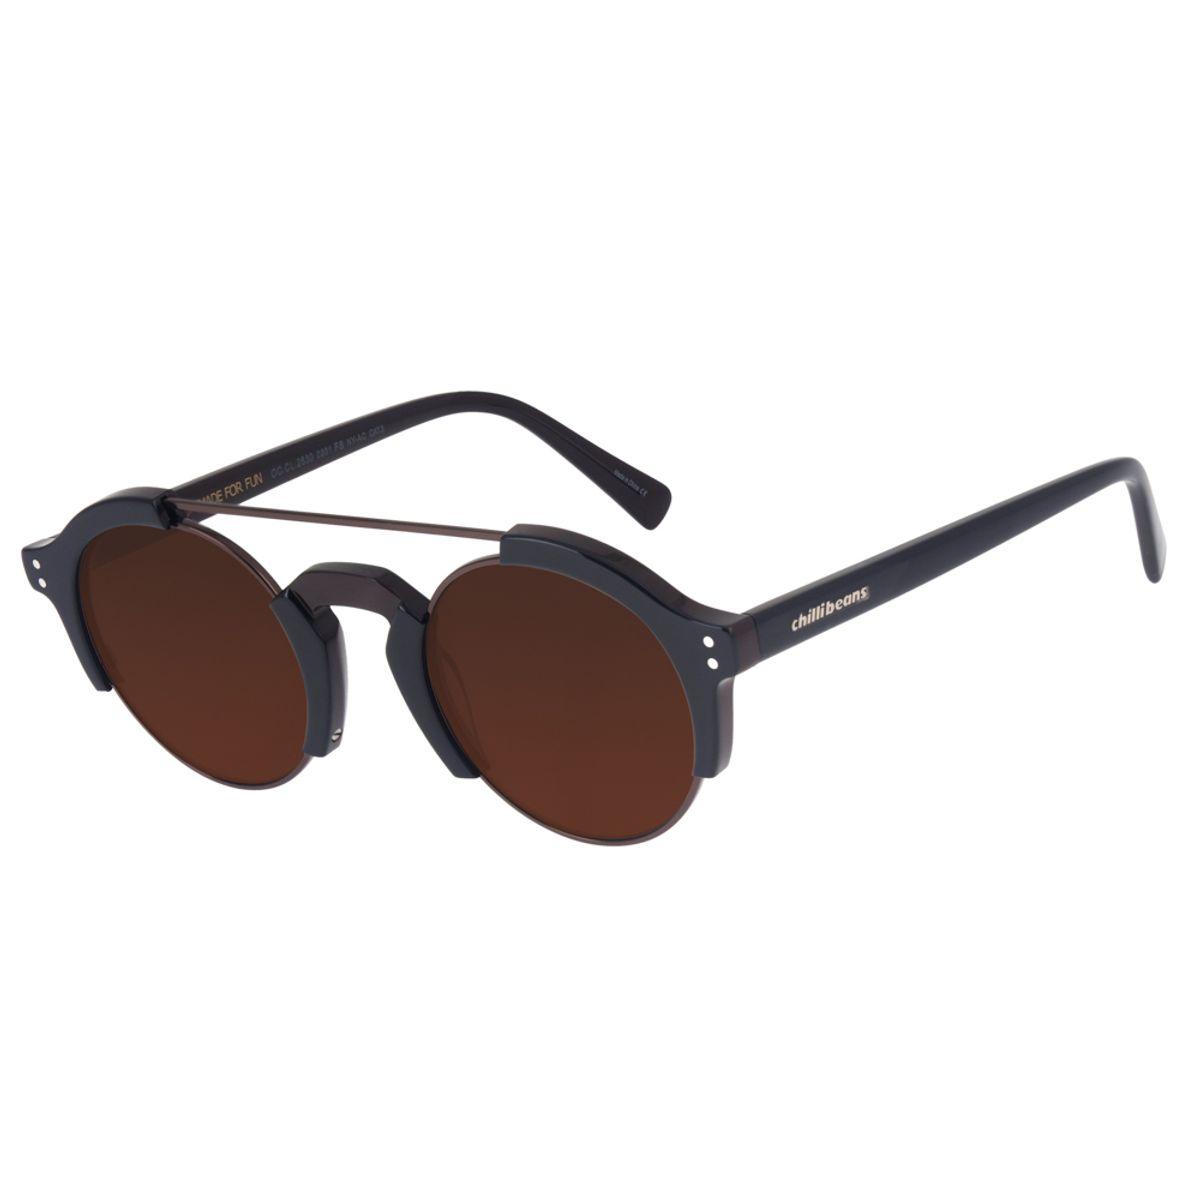 320977d88 Óculos de Sol Chilli Beans Unissex Steampunk Marrom 2630 - Chilli Beans